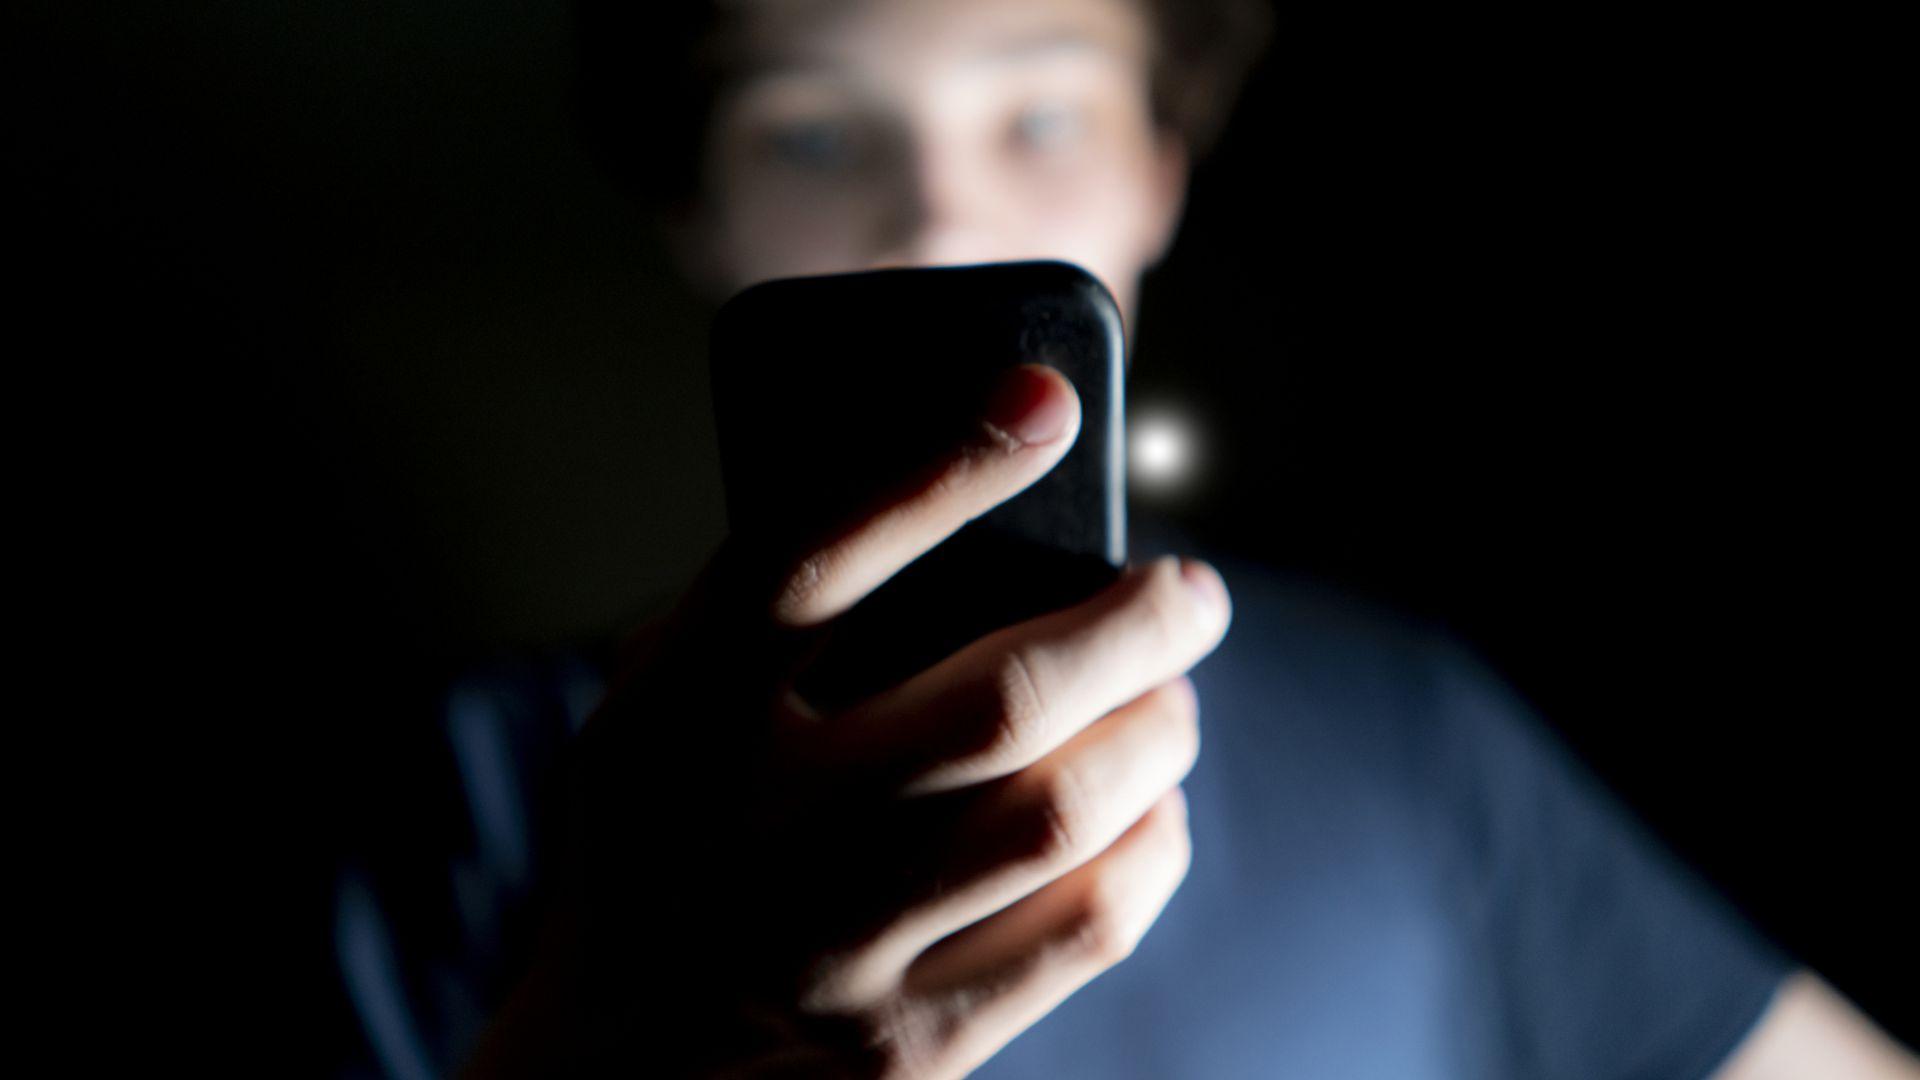 Необходимо е да сте запознати с опасностите, които дебнат детето ви онлайн